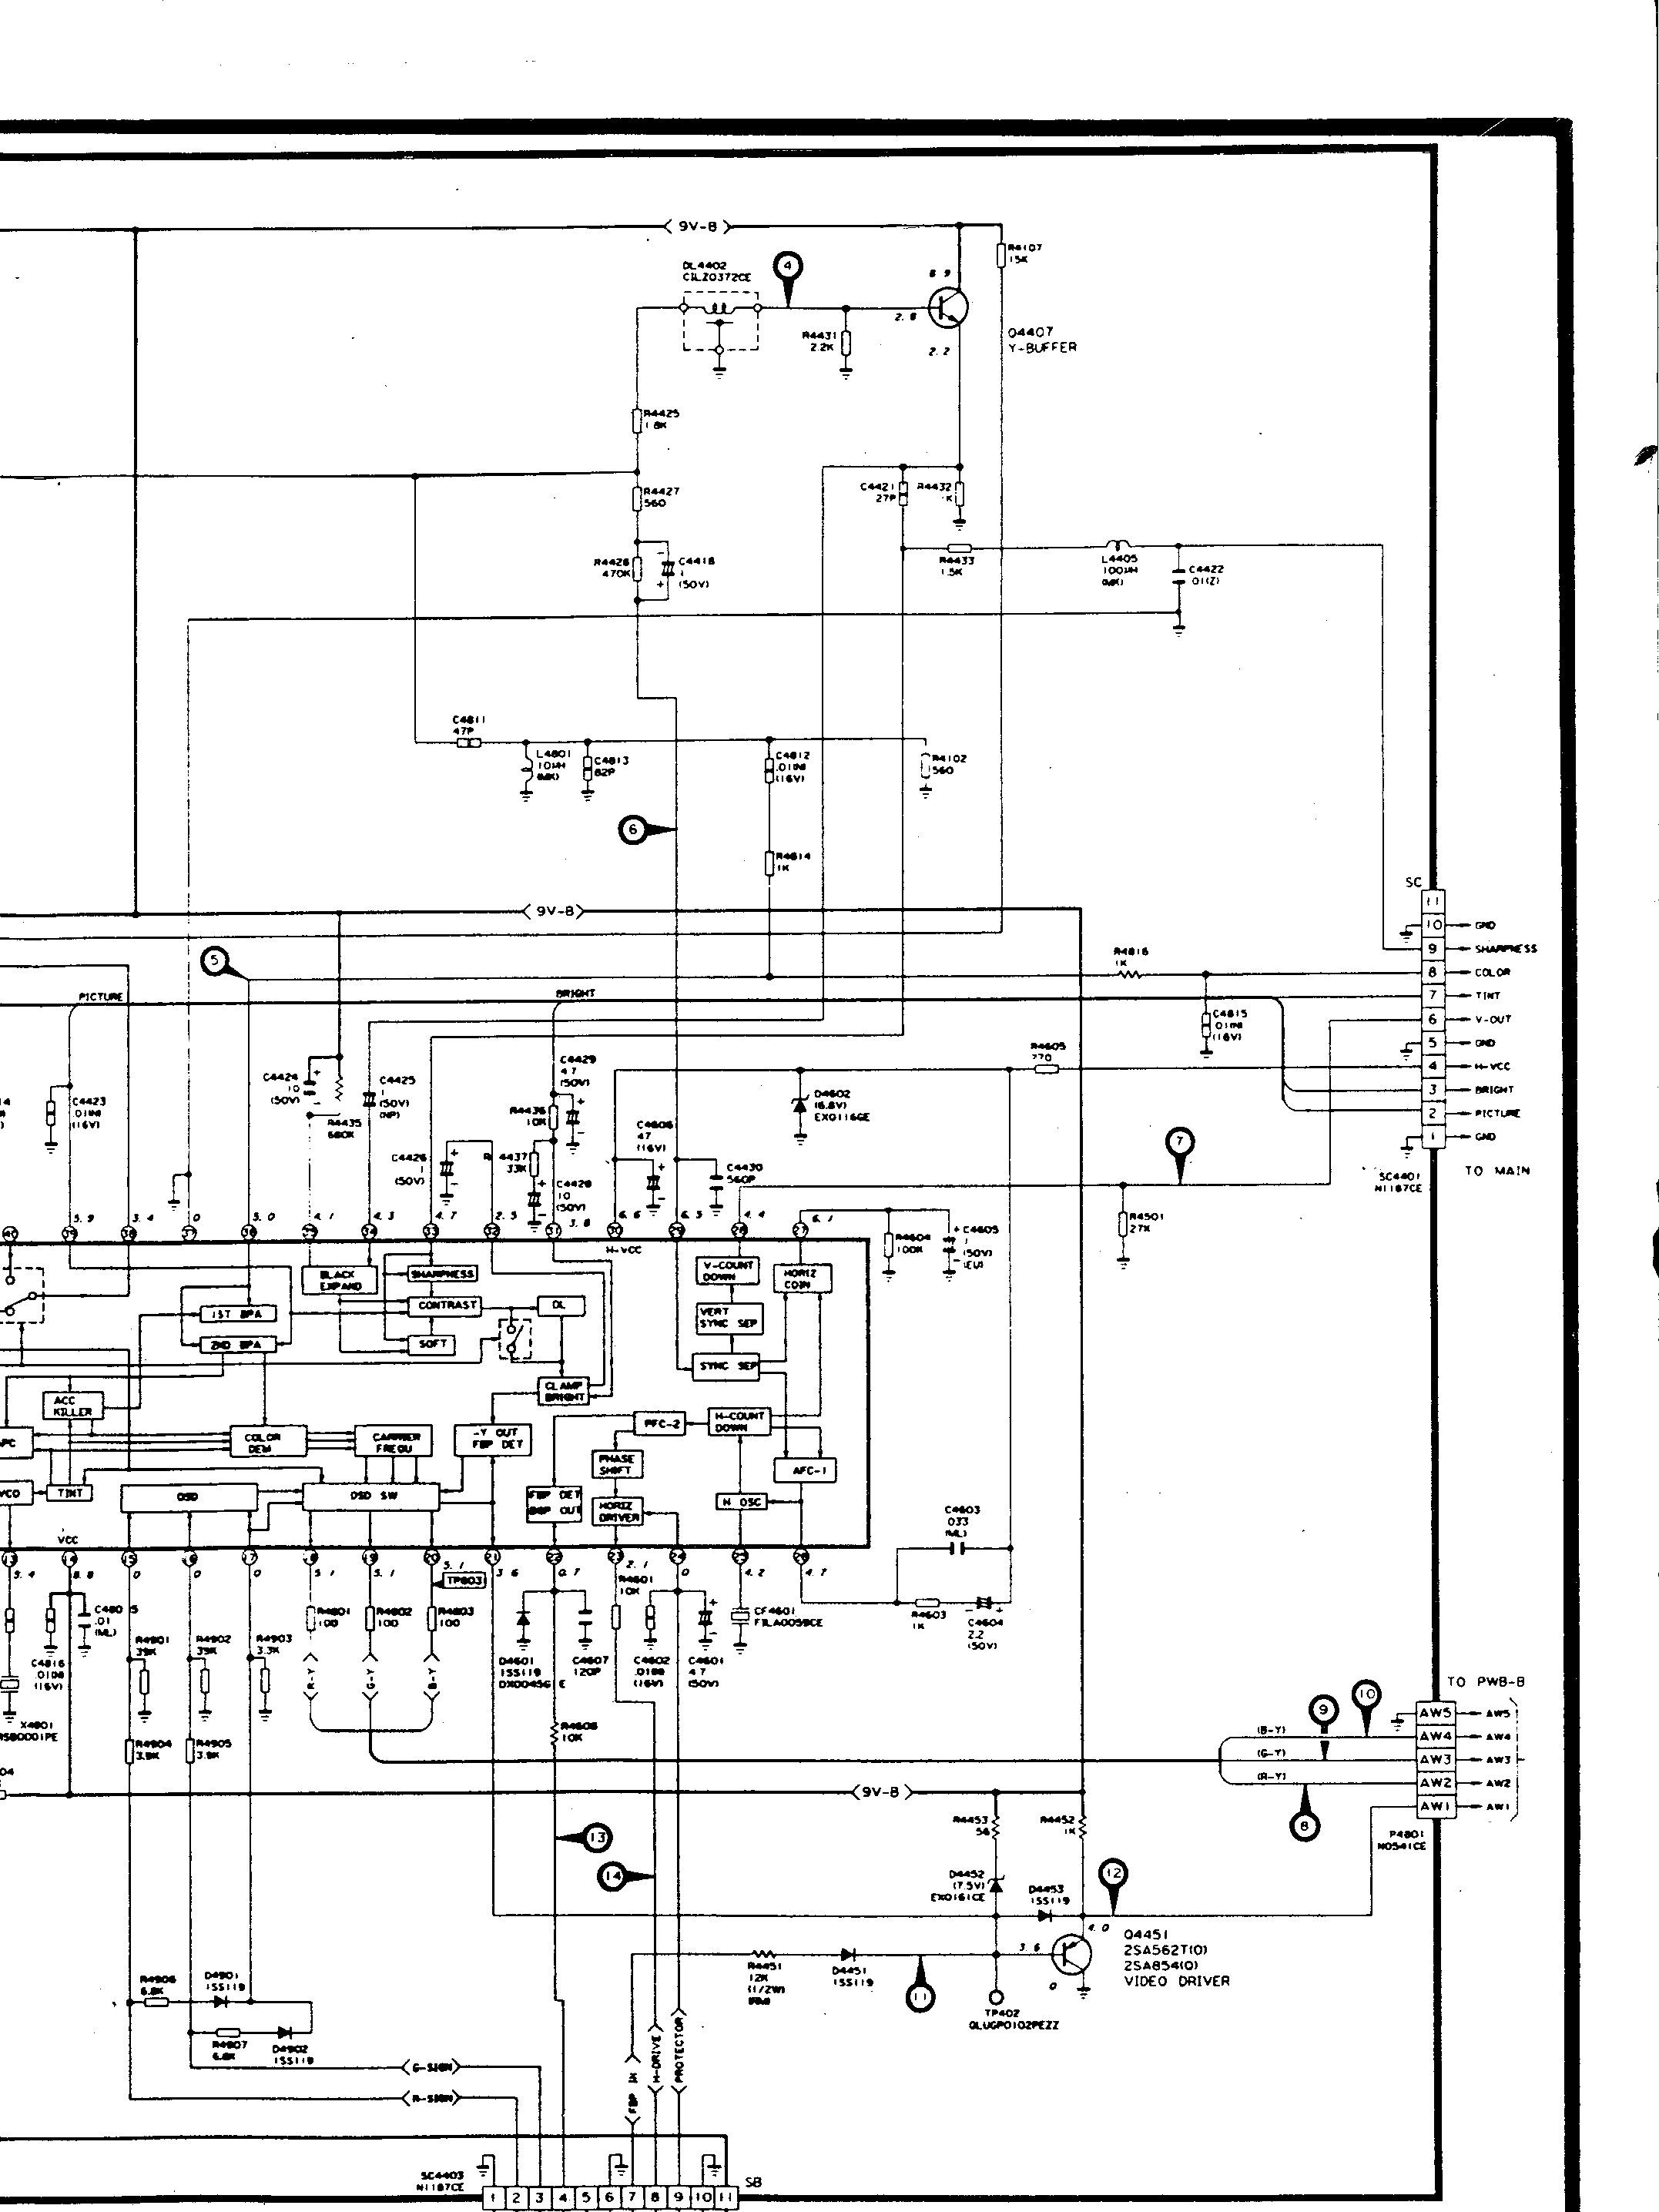 SHARP SHARP 25A M100 escanear0010.gif Diagramas de